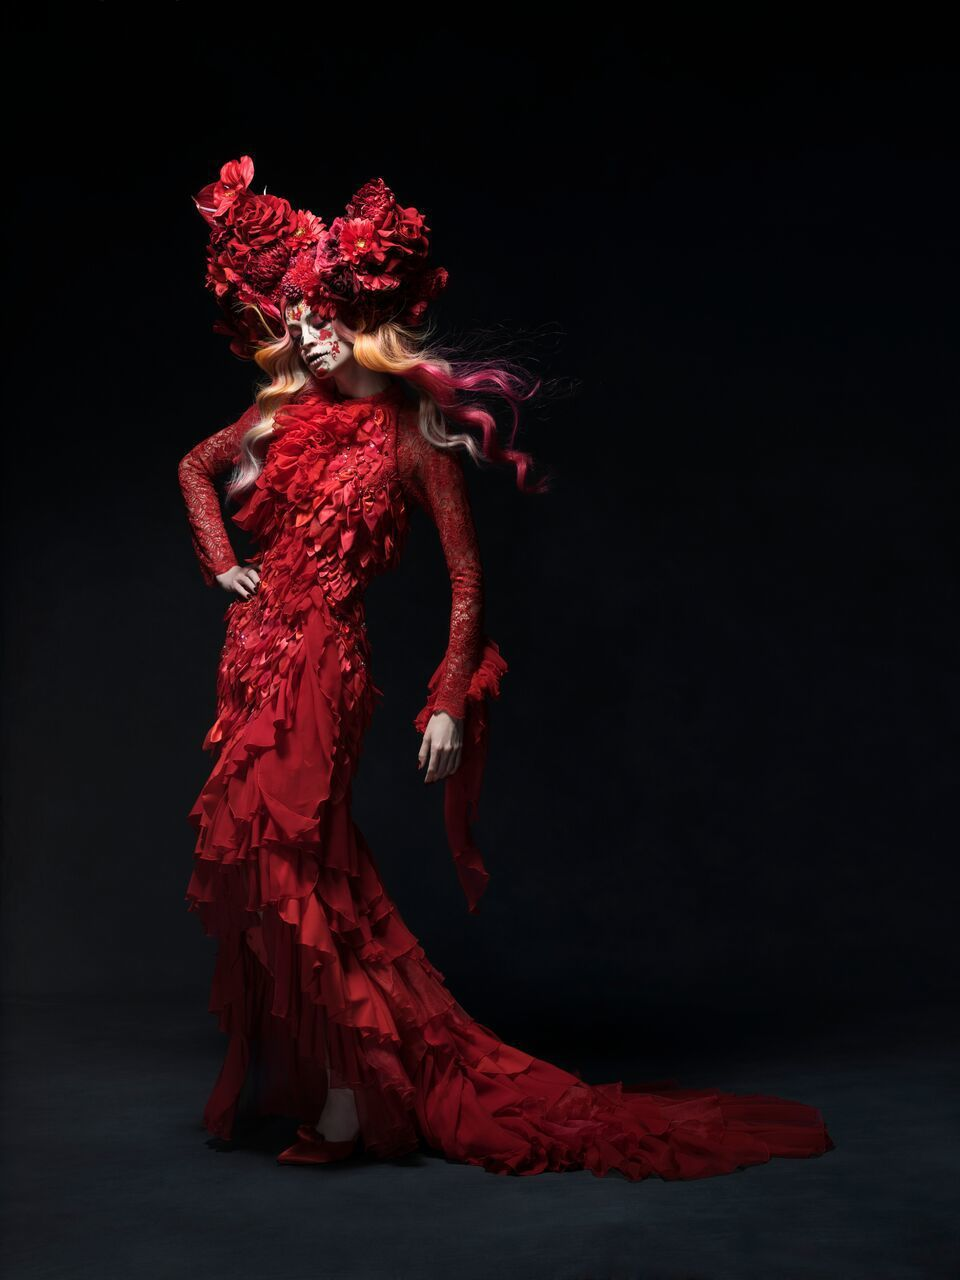 原田忠創意髮妝涵蓋髮藝、彩妝、服裝、模特兒姿態、拍攝手法、燈光等所有元素。圖/資